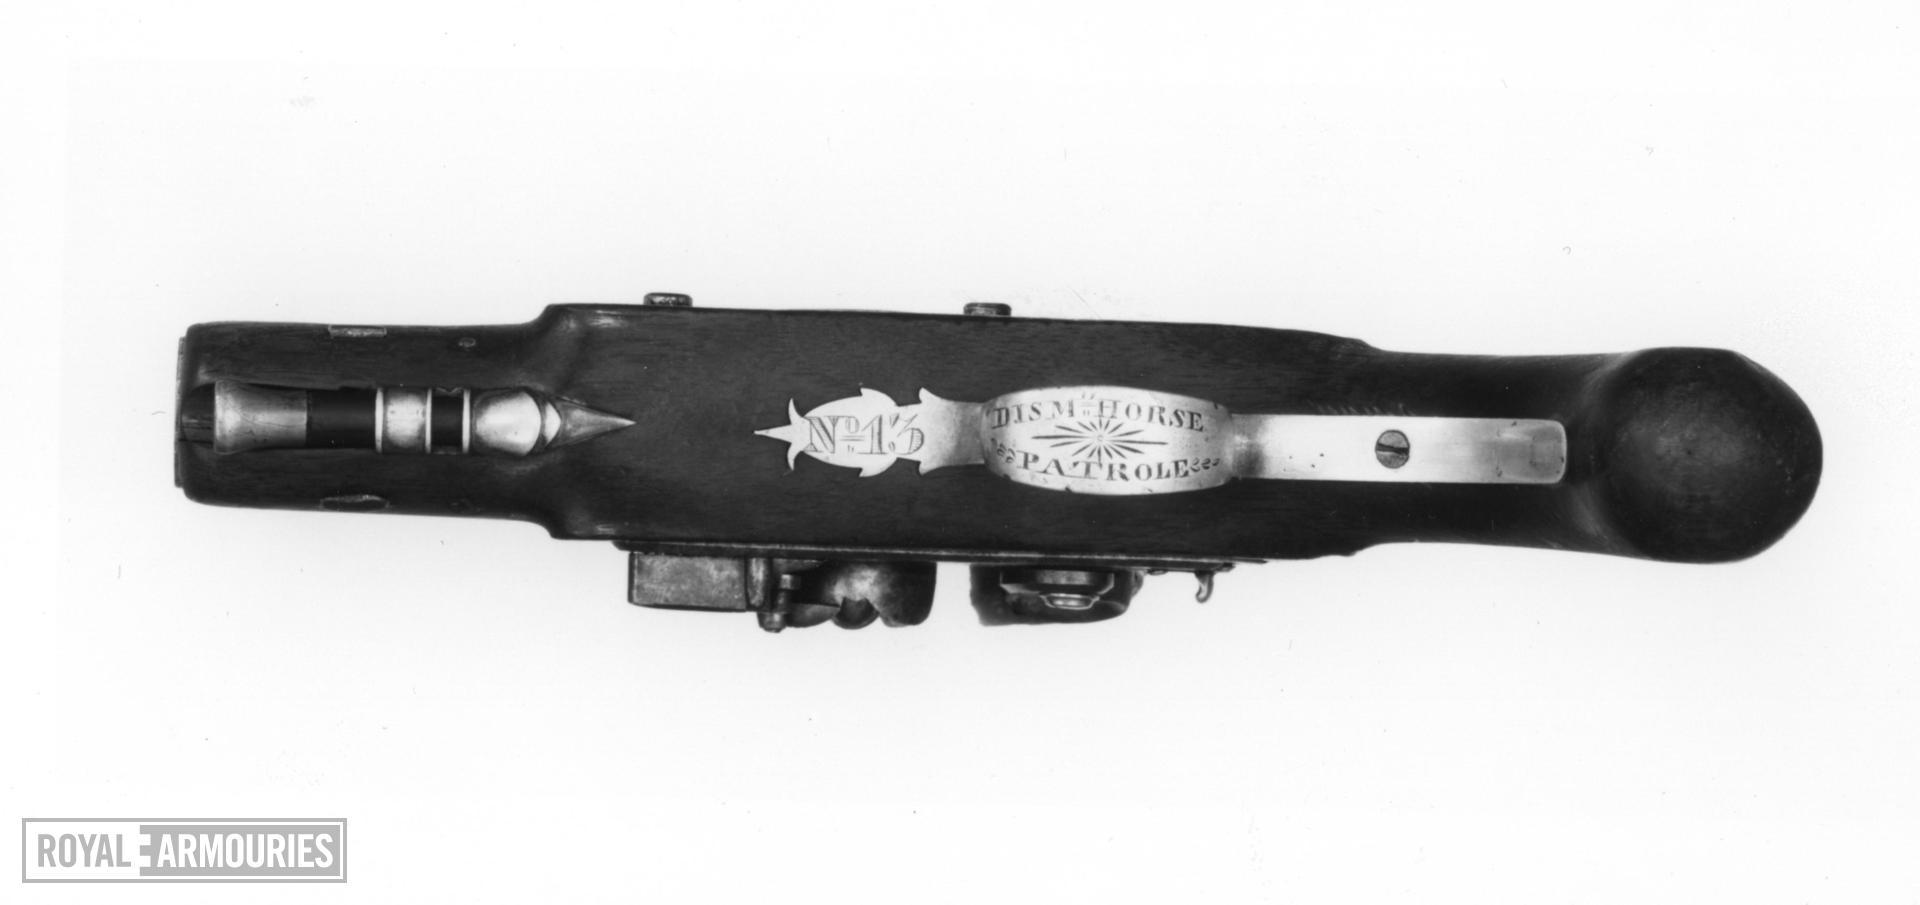 Flintlock muzzle-loading pistol - By W. Parker